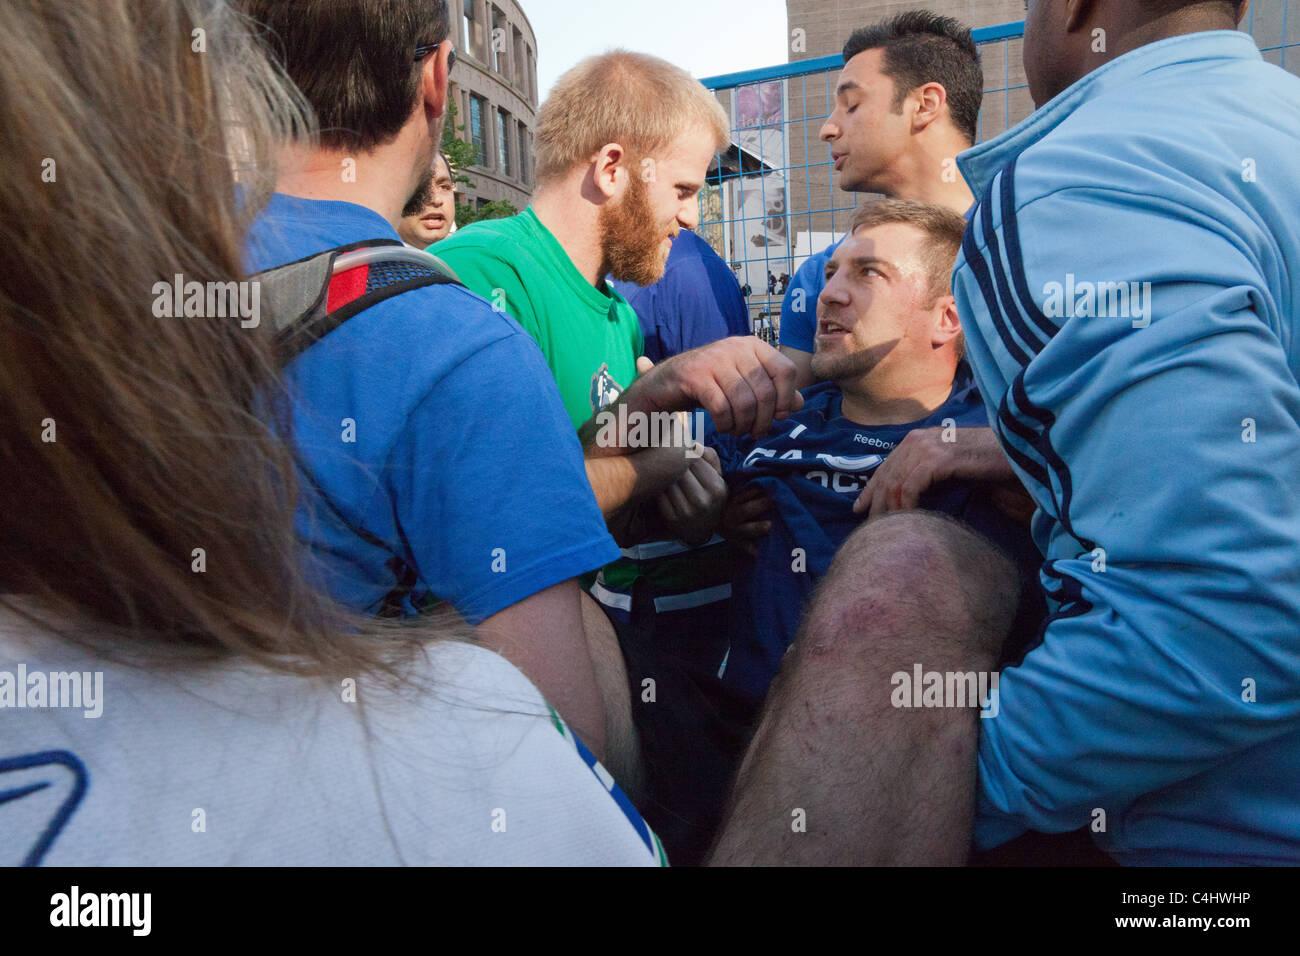 300 Pfund Mann bekommt von der Masse mit einem verdrehten Knöchel befreit, in Spiel 7 des Stanley Cups in der Innenstadt Stockfoto